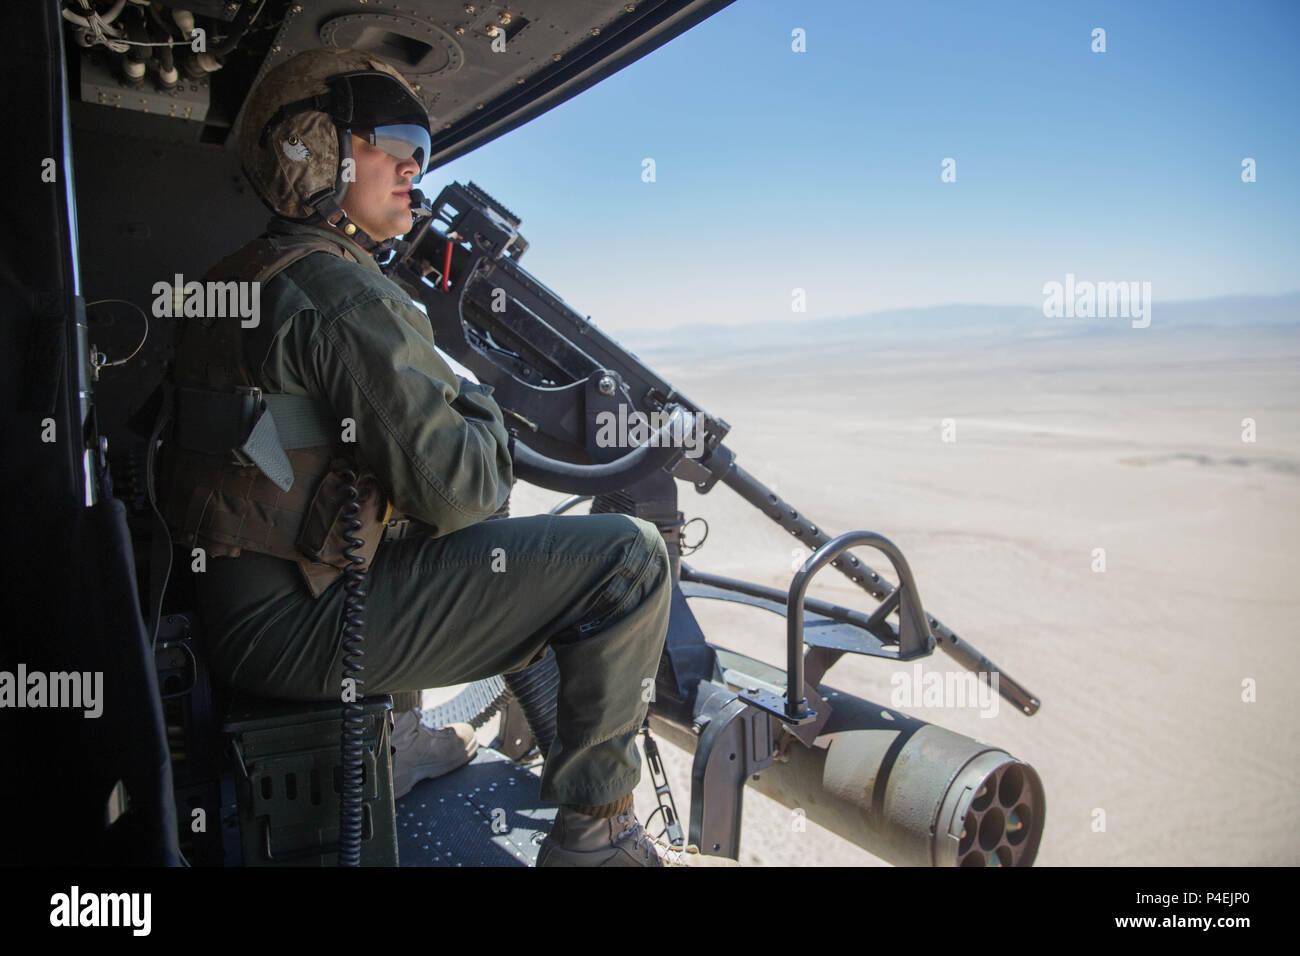 Elicottero Quarto : Sgt reyes macedo un elicottero capo equipaggio con marine